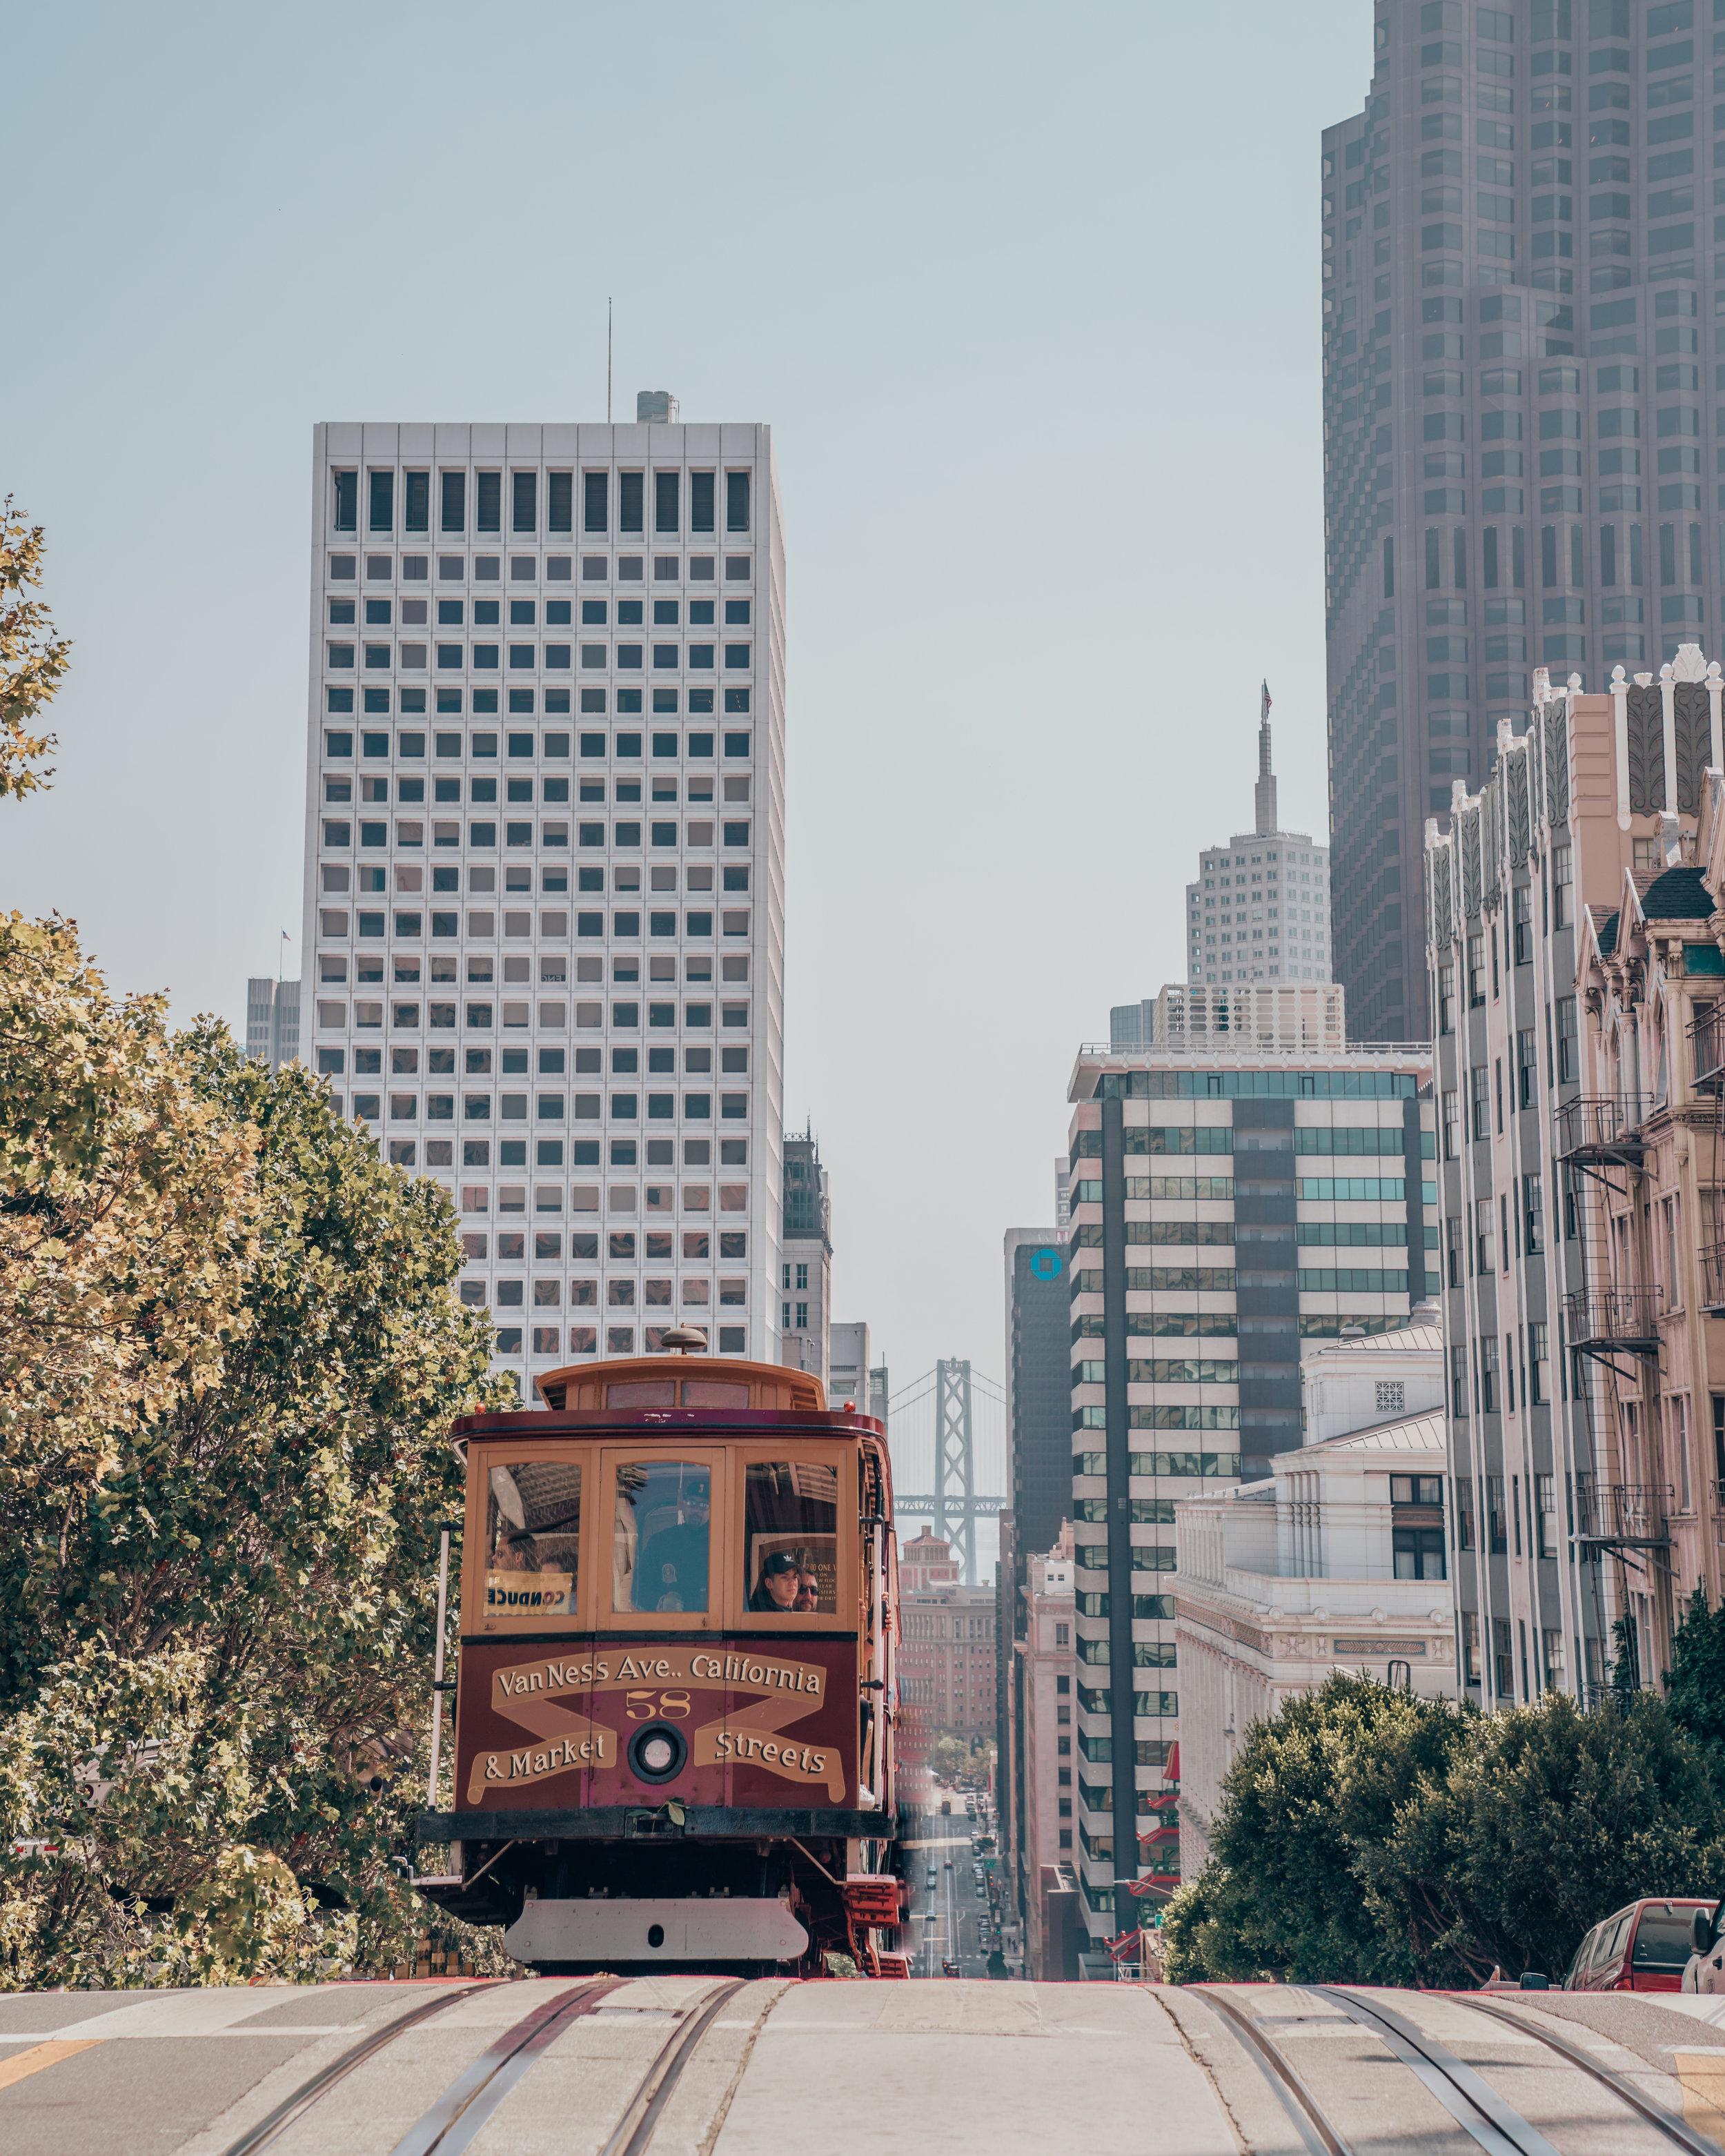 Cable Car, Bay Bridge, Nob Hill, San Francisco, California